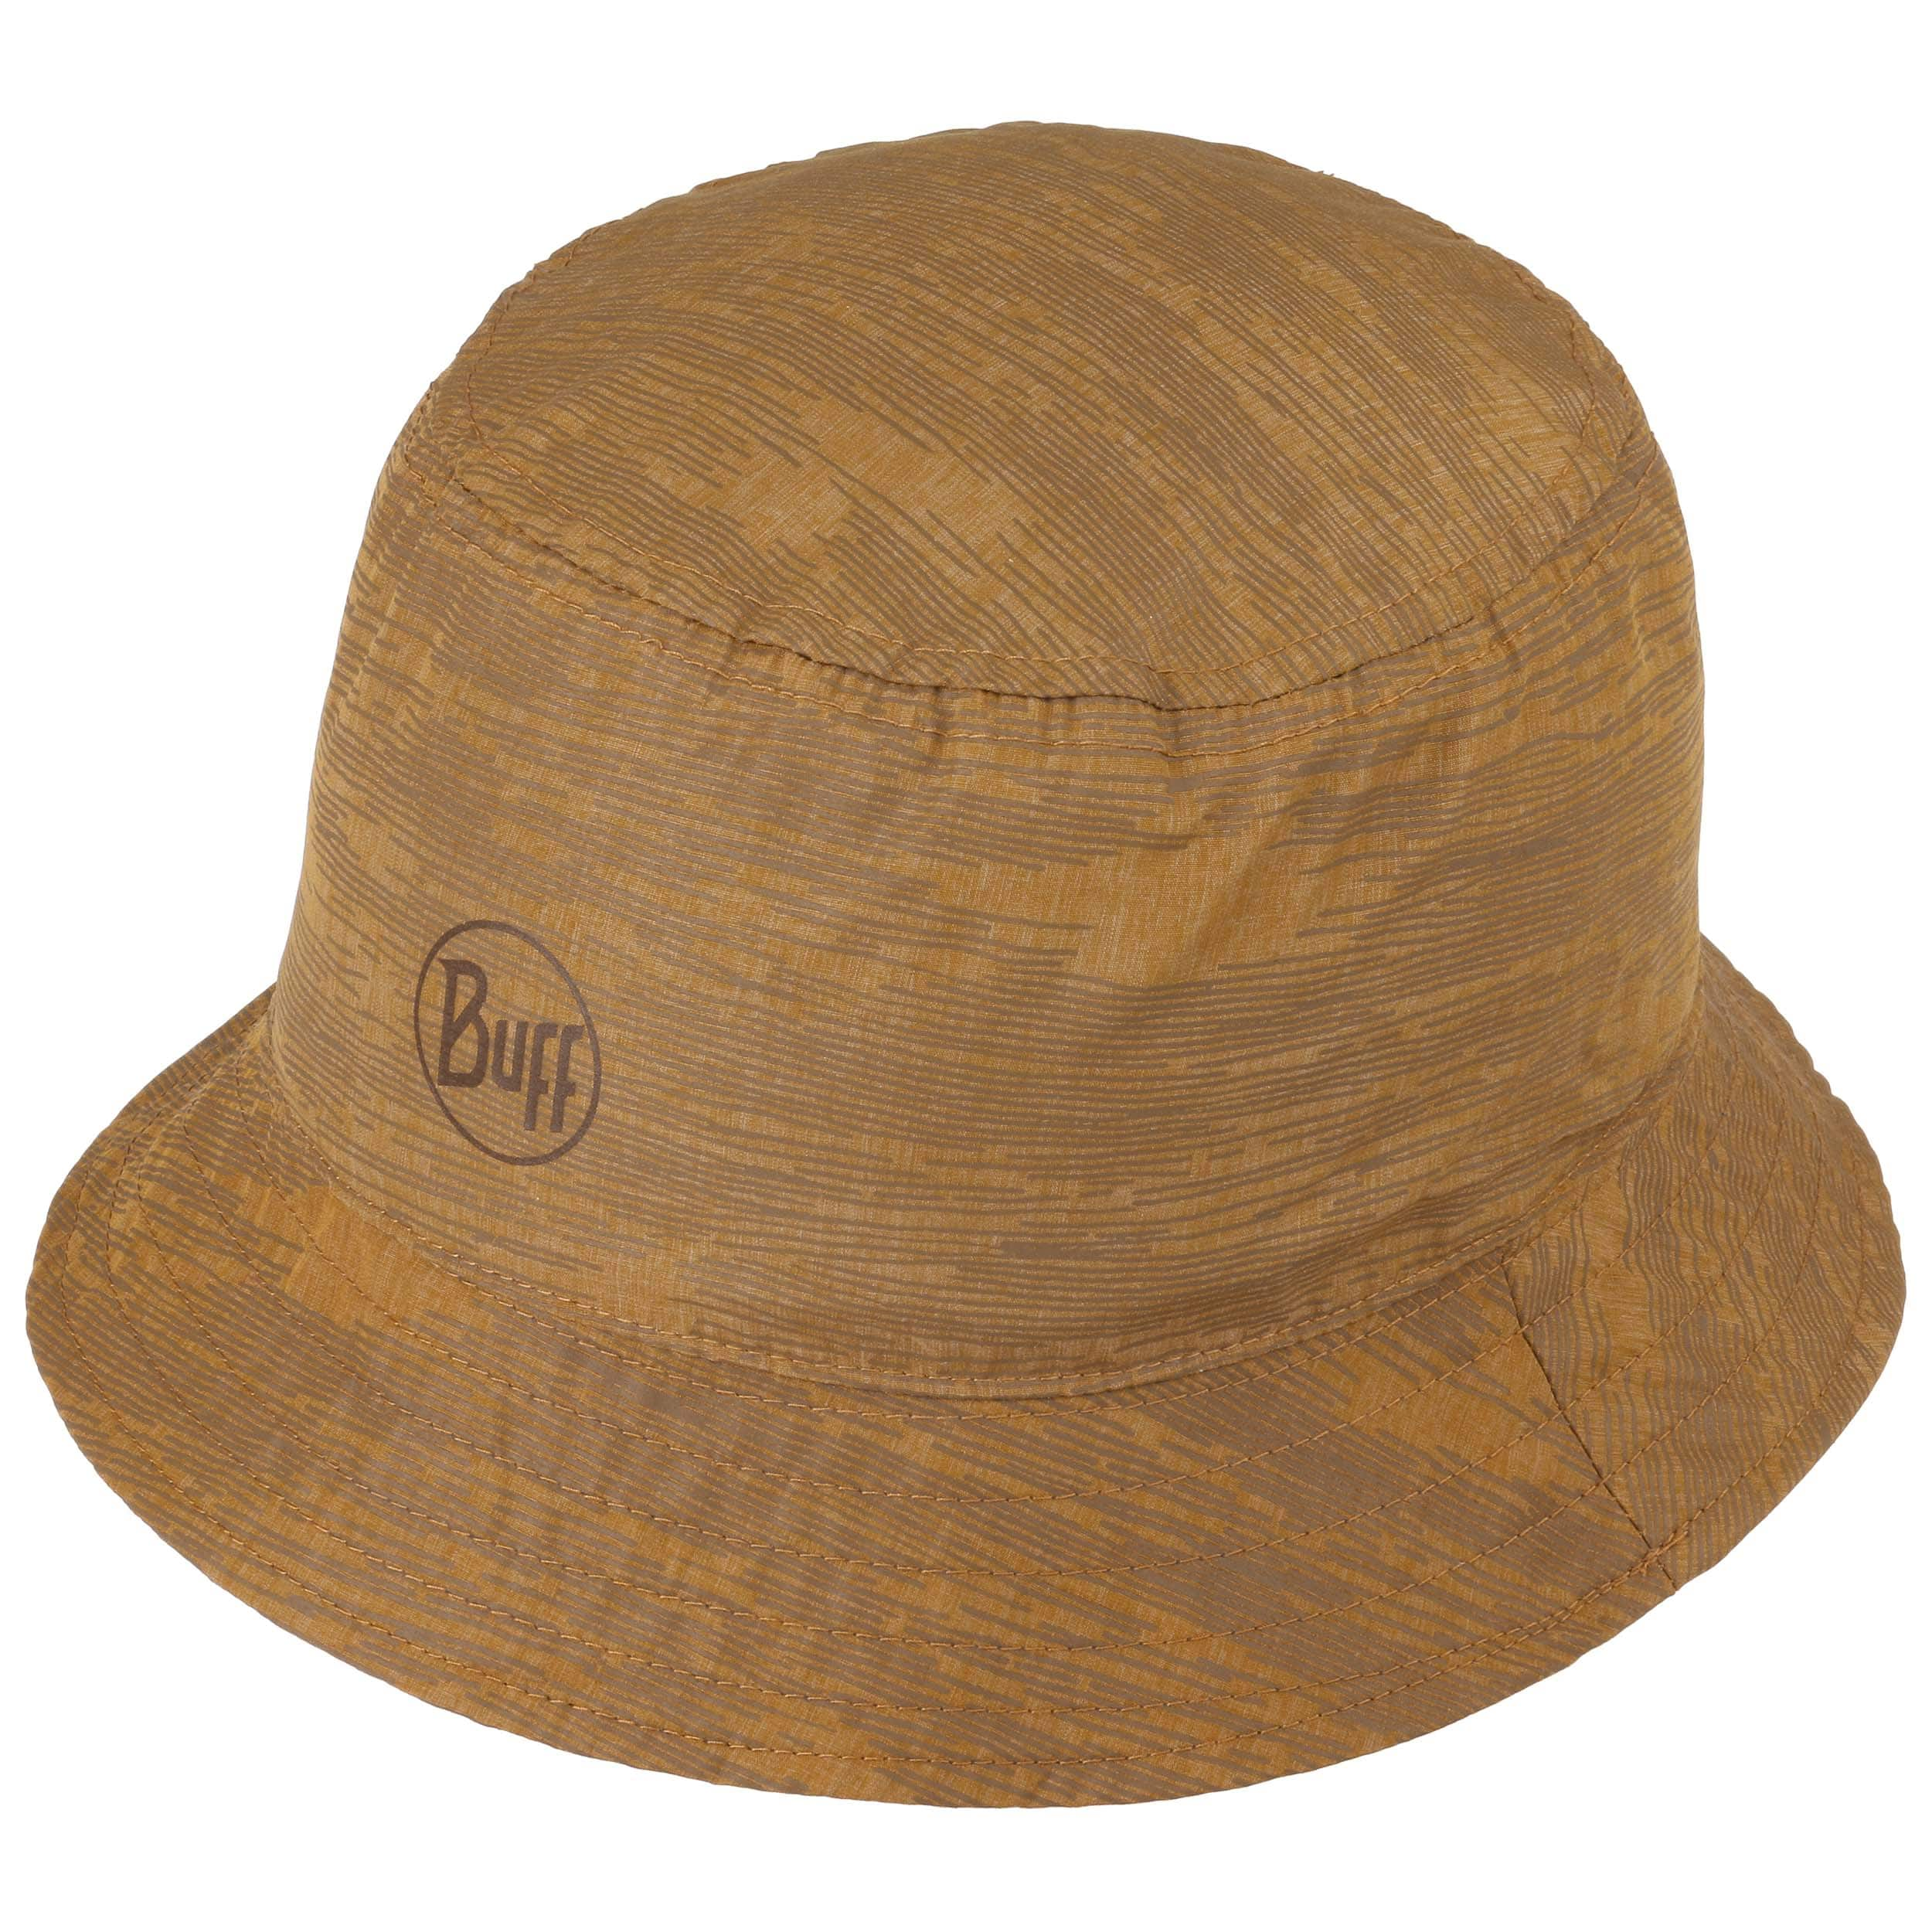 Landscape Reversible Fishing Hat by BUFF, EUR 29,95 --> Hats, caps & beanies shop online ...